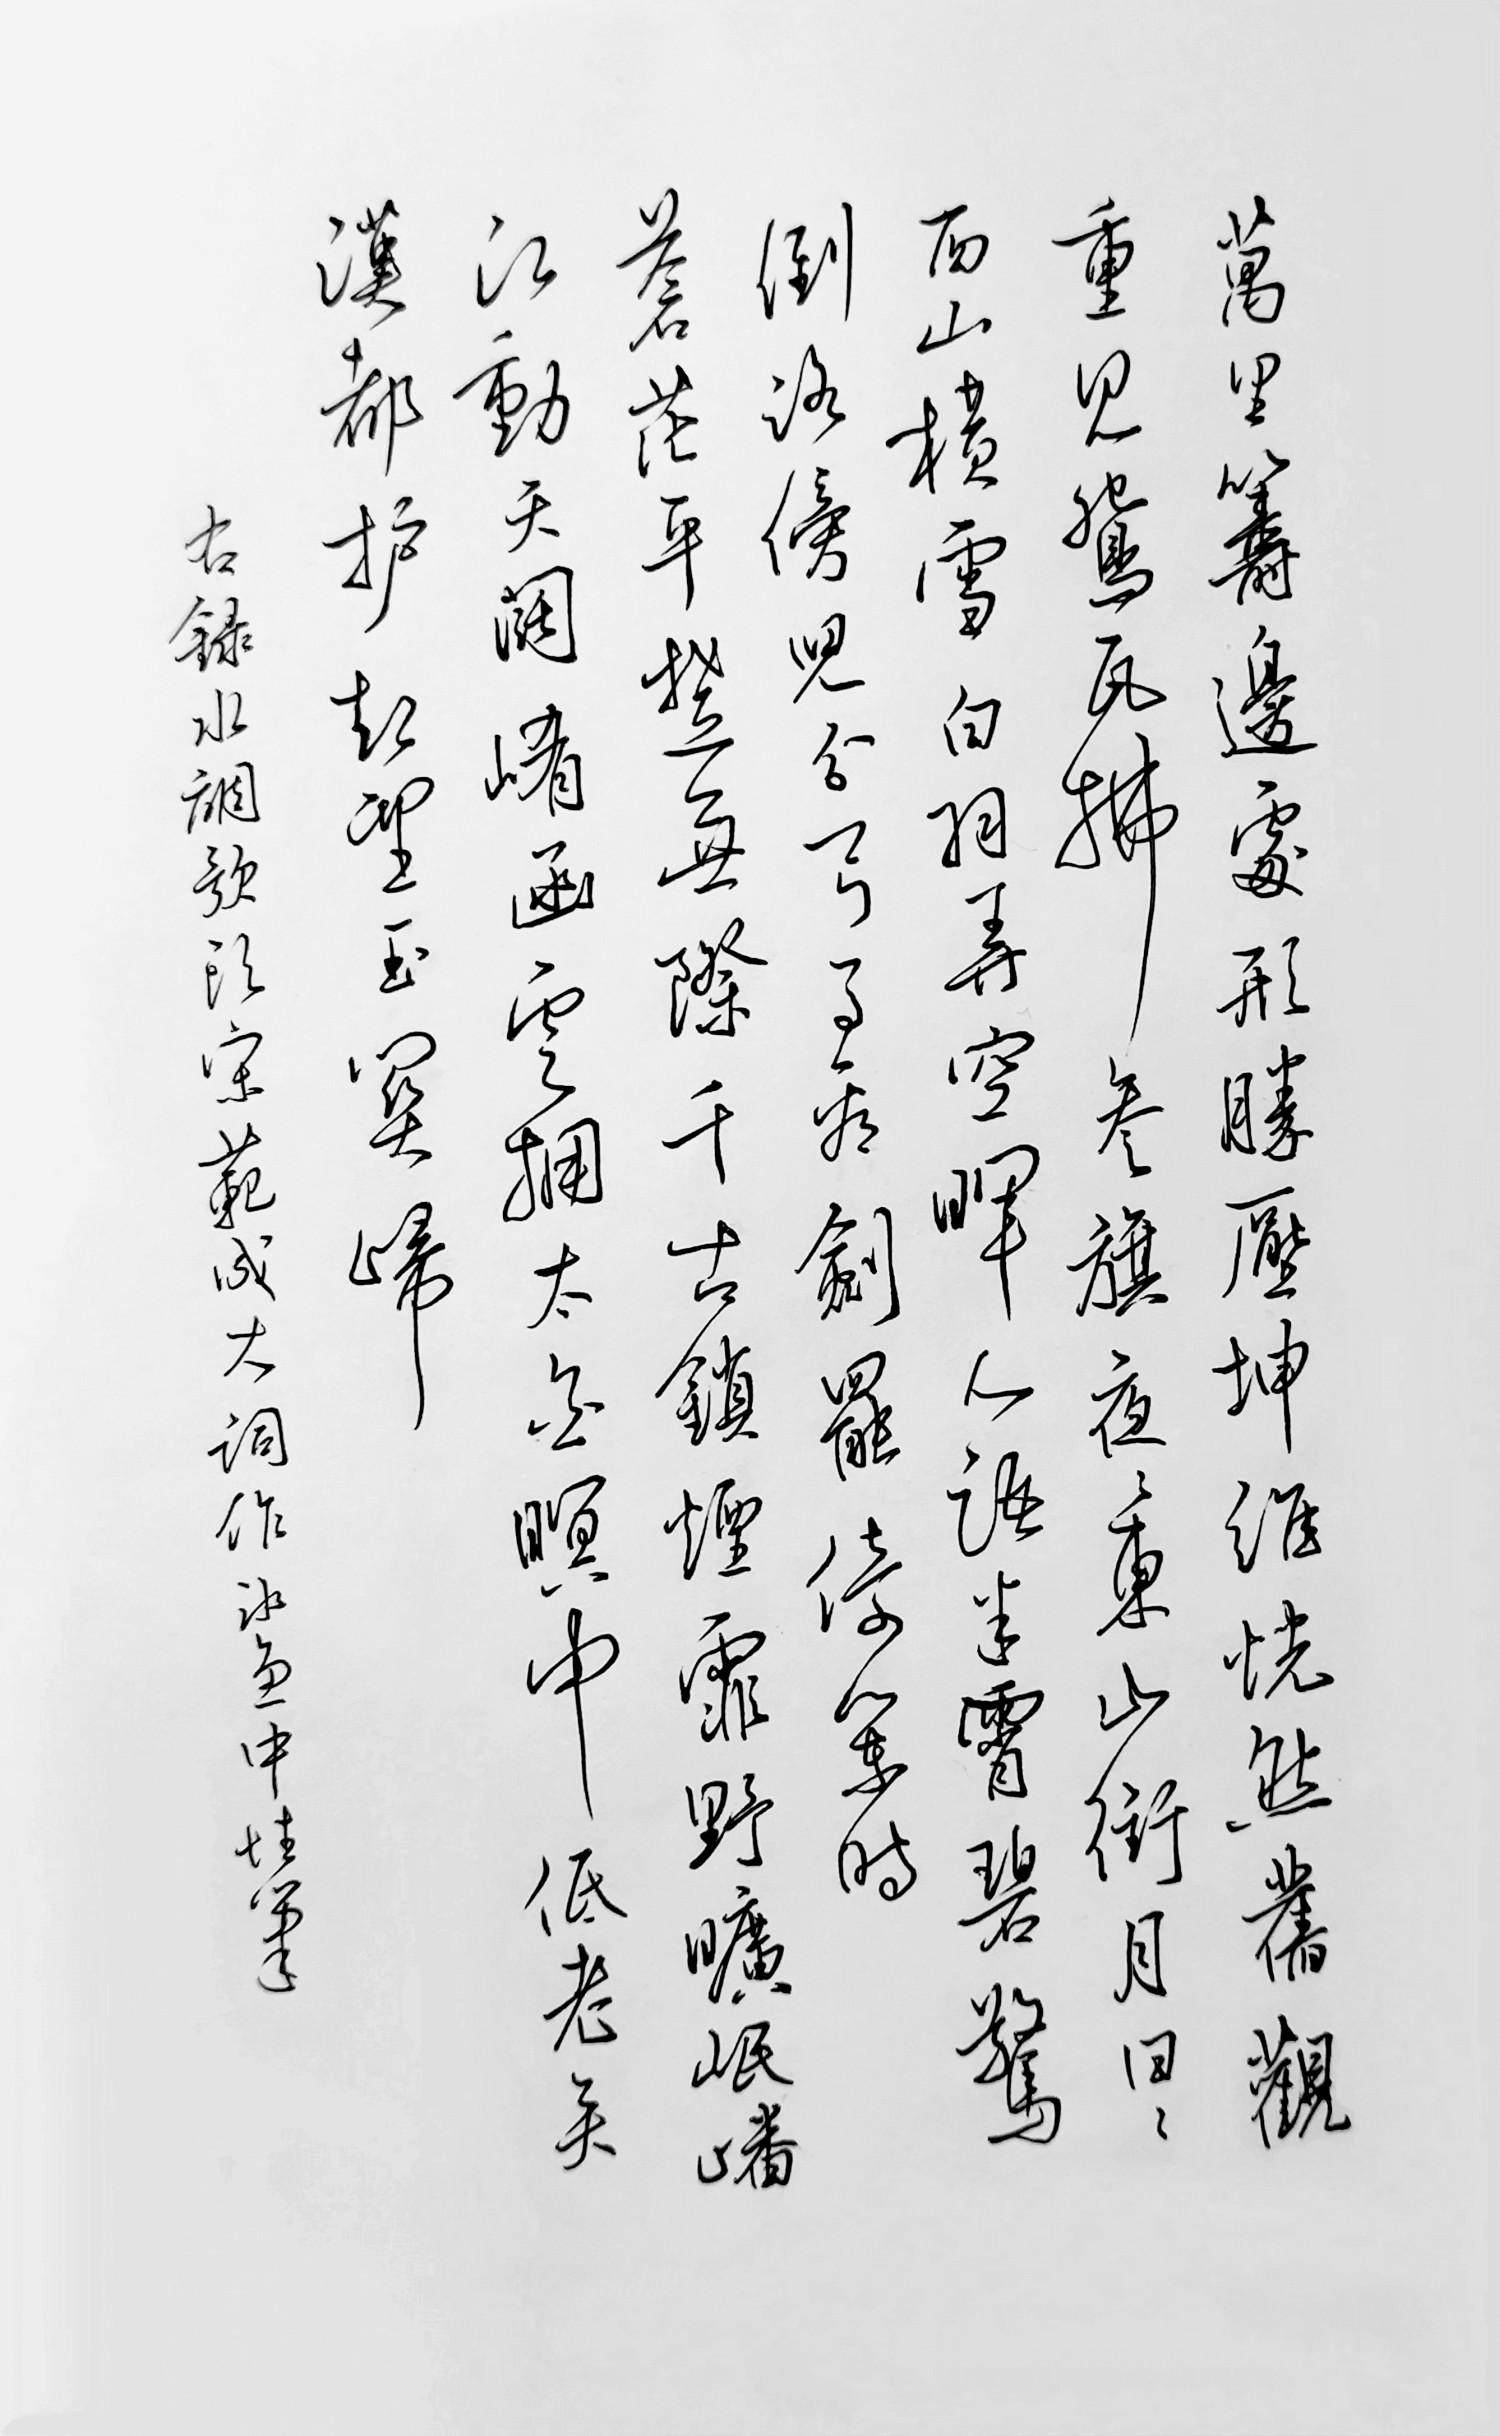 钢笔爱好者练字打卡20210413-05